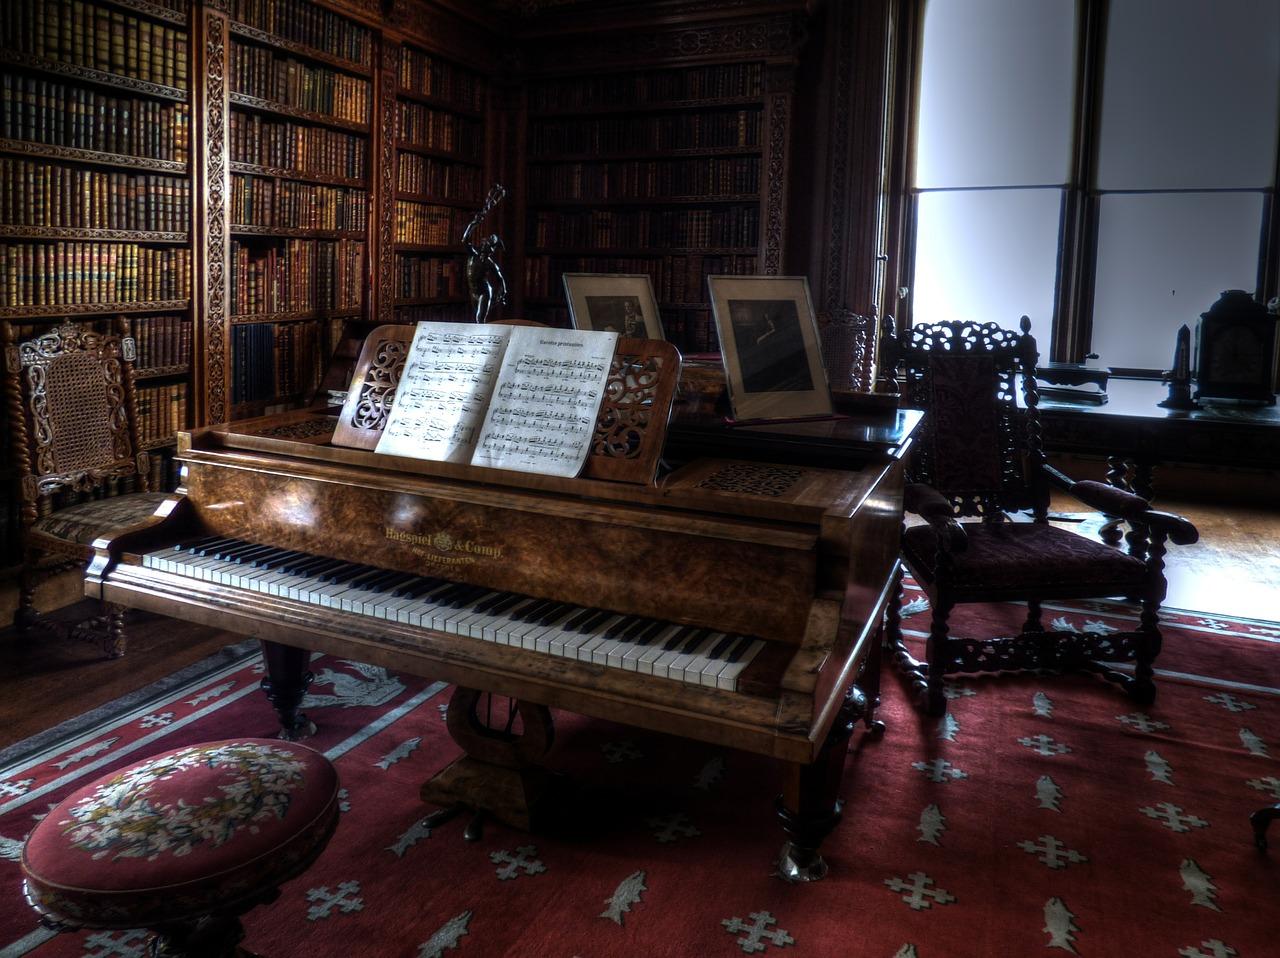 Piano Lessons Ucon Idaho, Piano Lessons Idaho Falls, Piano Lessons Aamon  Idaho, Piano